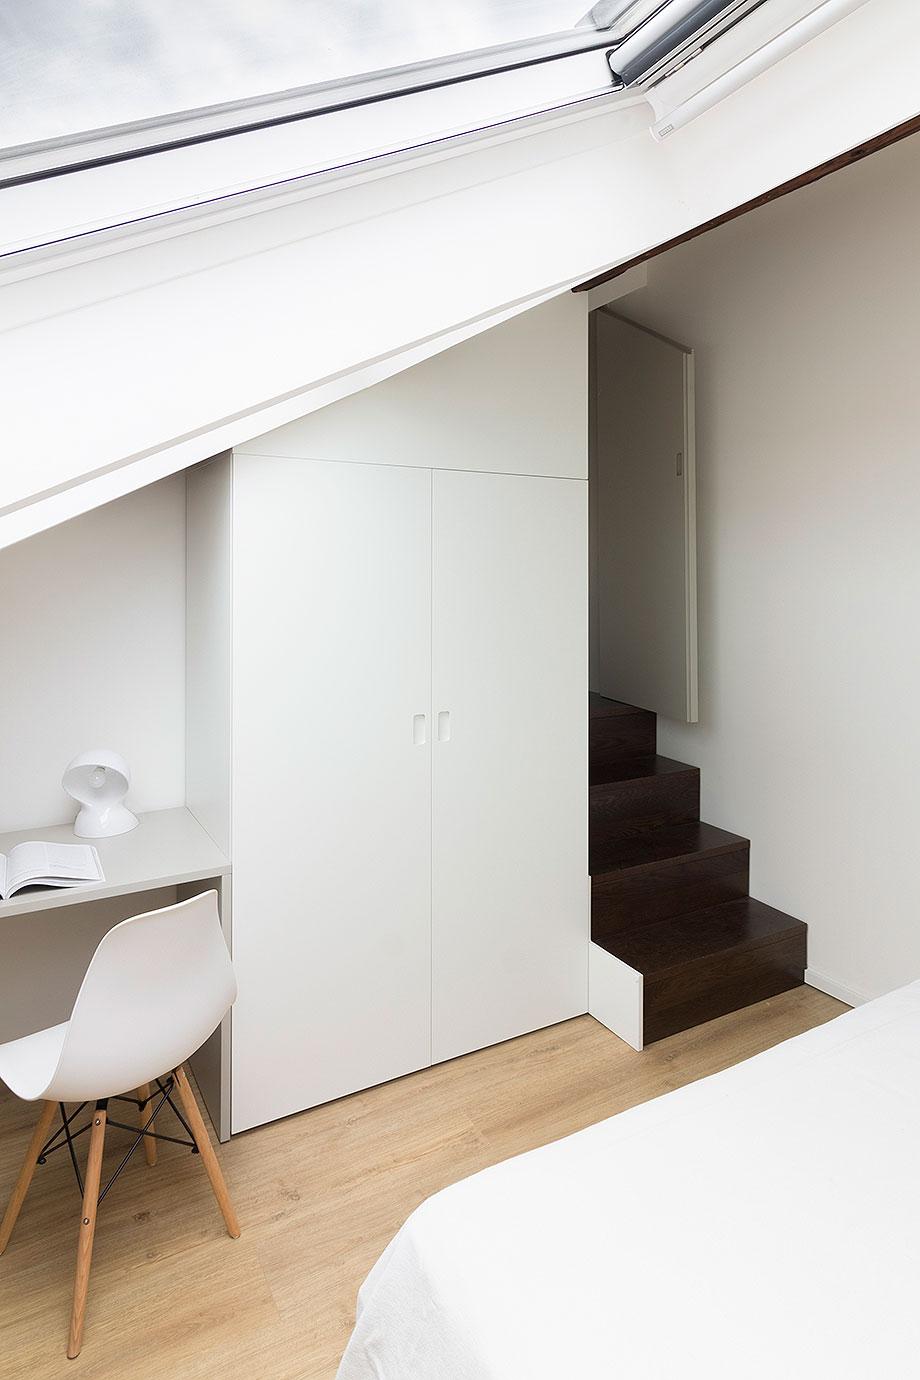 reforma de un ático en palermo por la leta architettura (11) - foto marco zanca